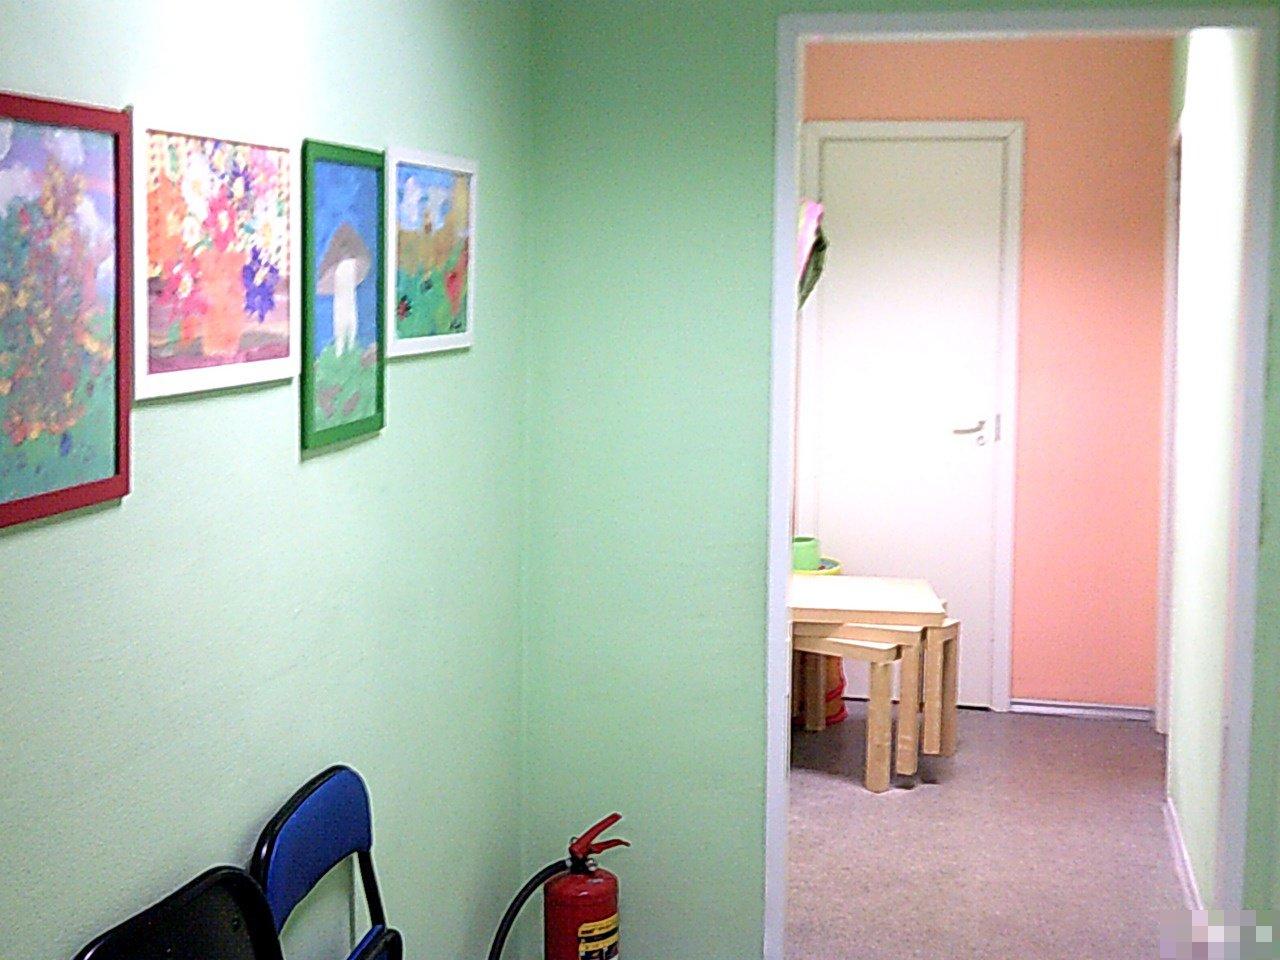 Николая Старостина ул, д.5, Офисное помещение, 160 м² 549905